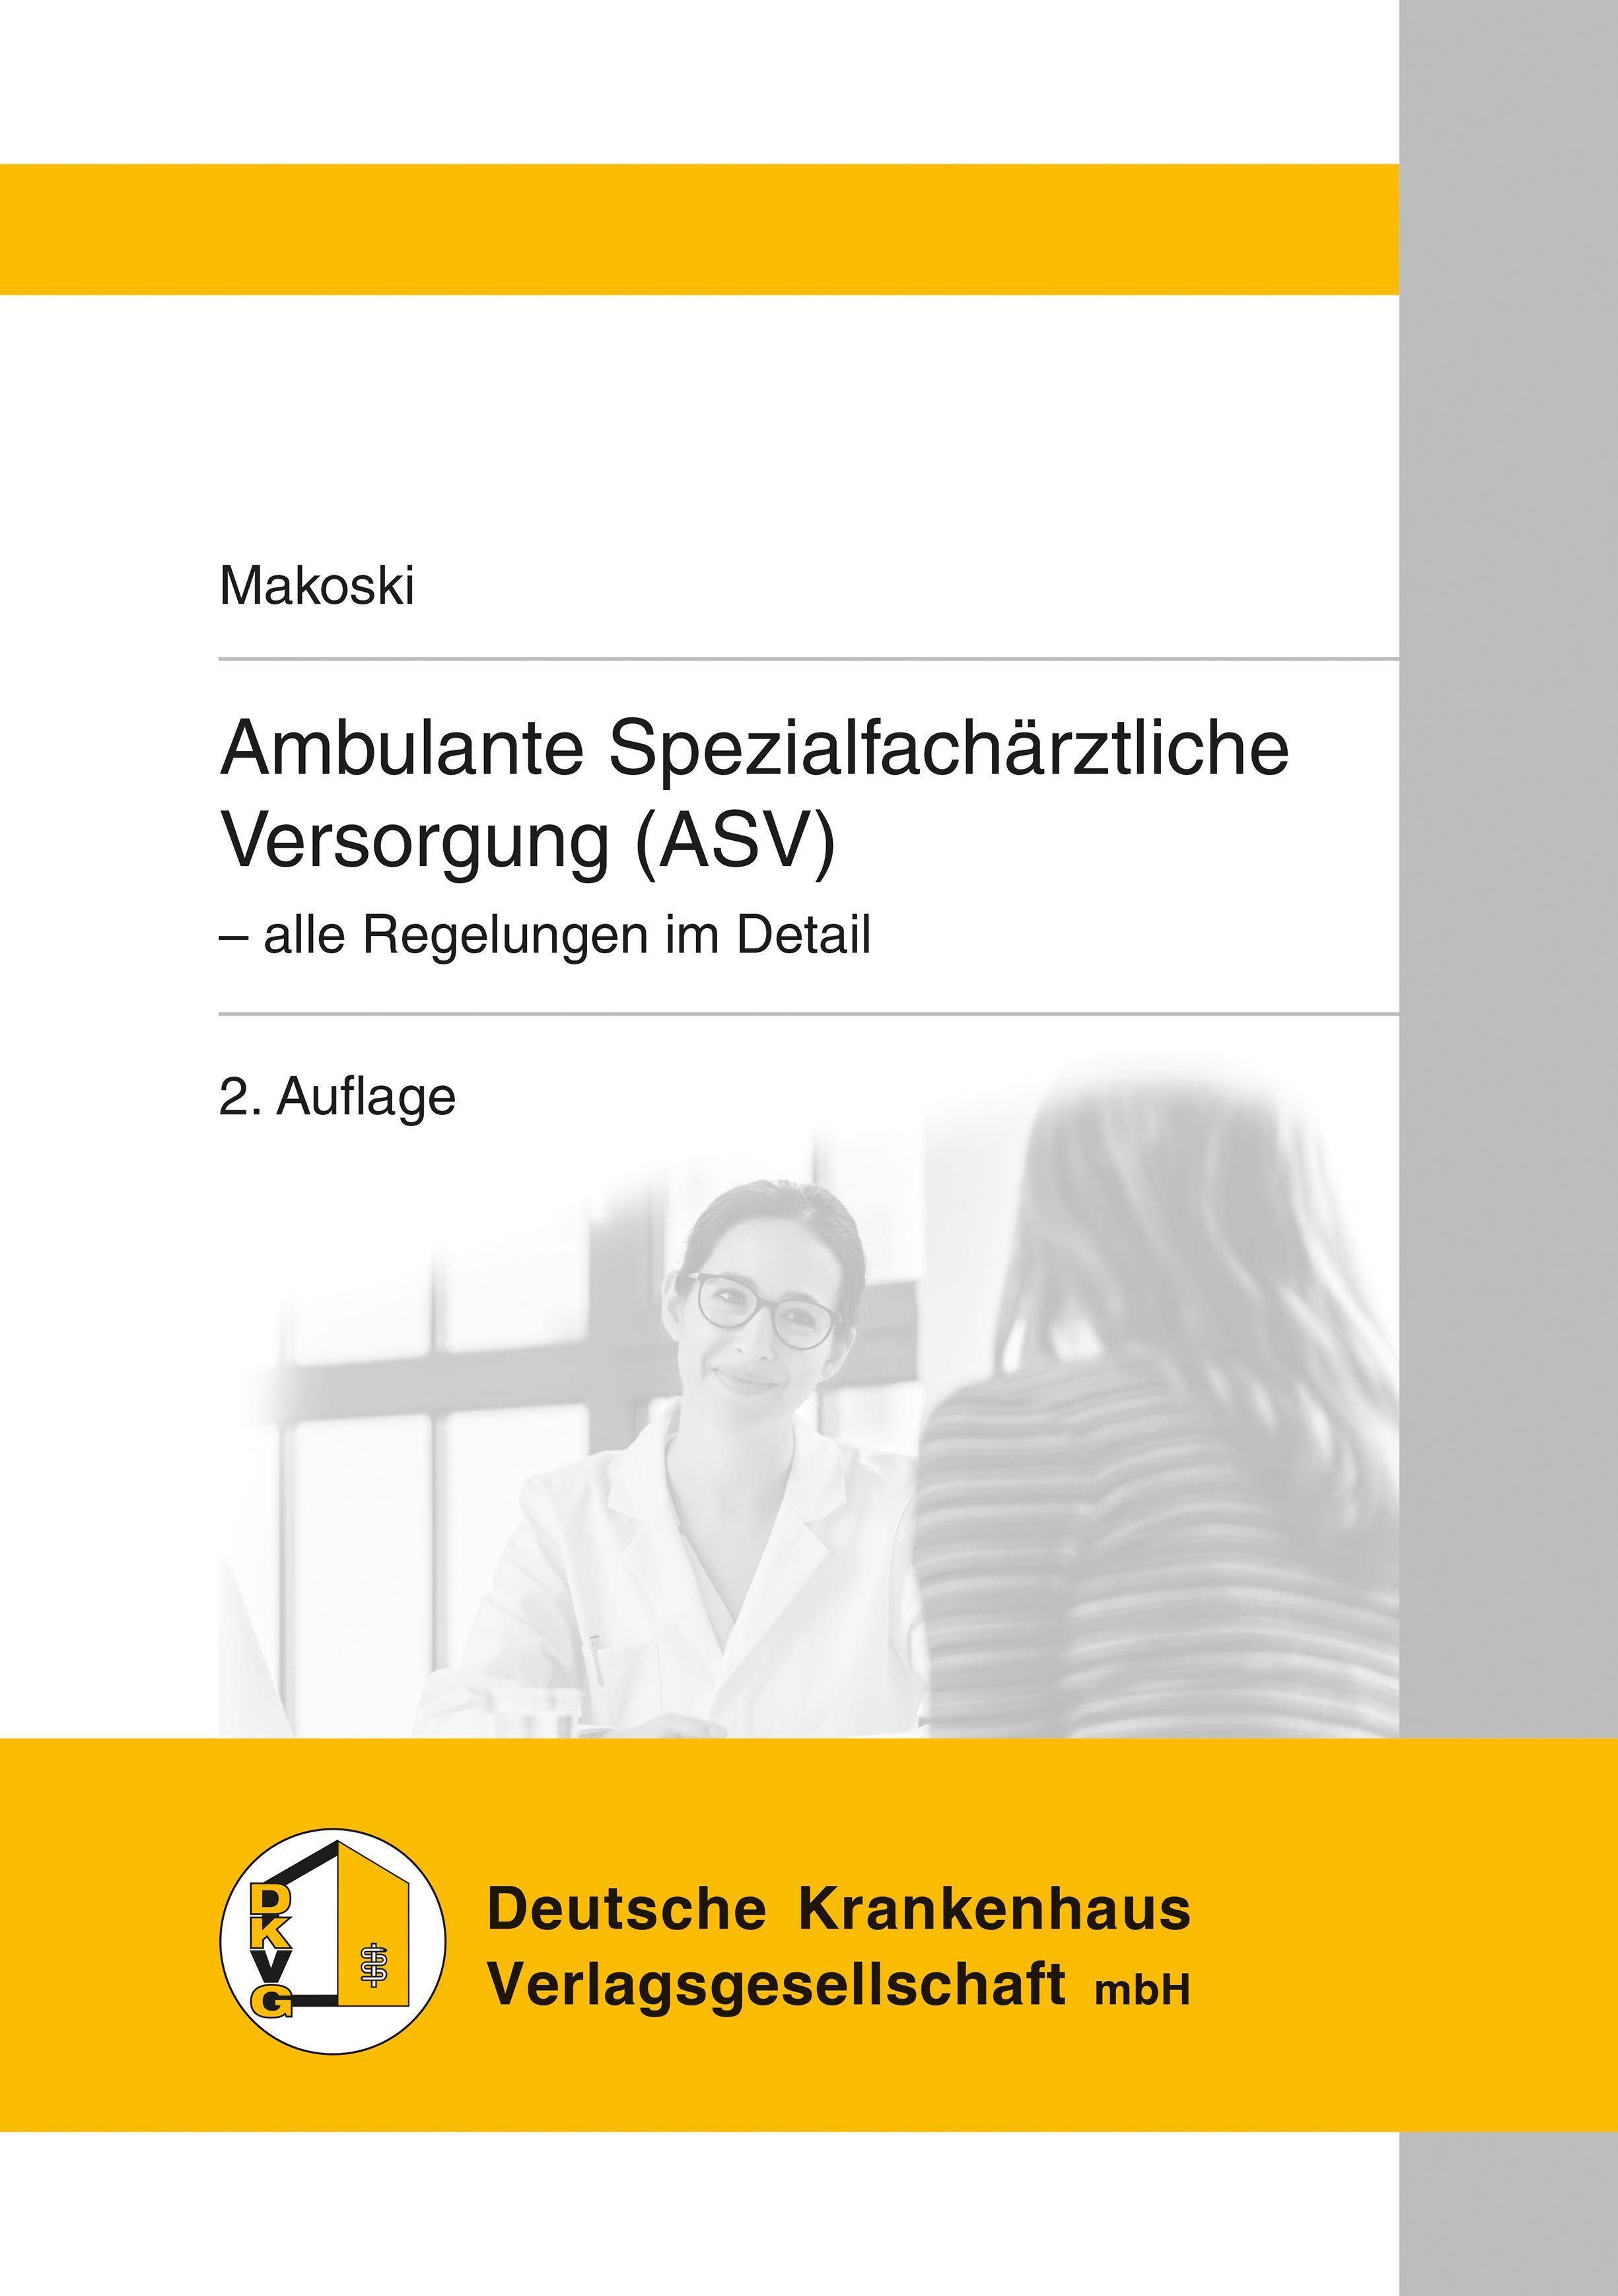 Kyrill-Makoski-Ambulante-Spezialfachaerztliche-Versorgung-ASV-9783170382459